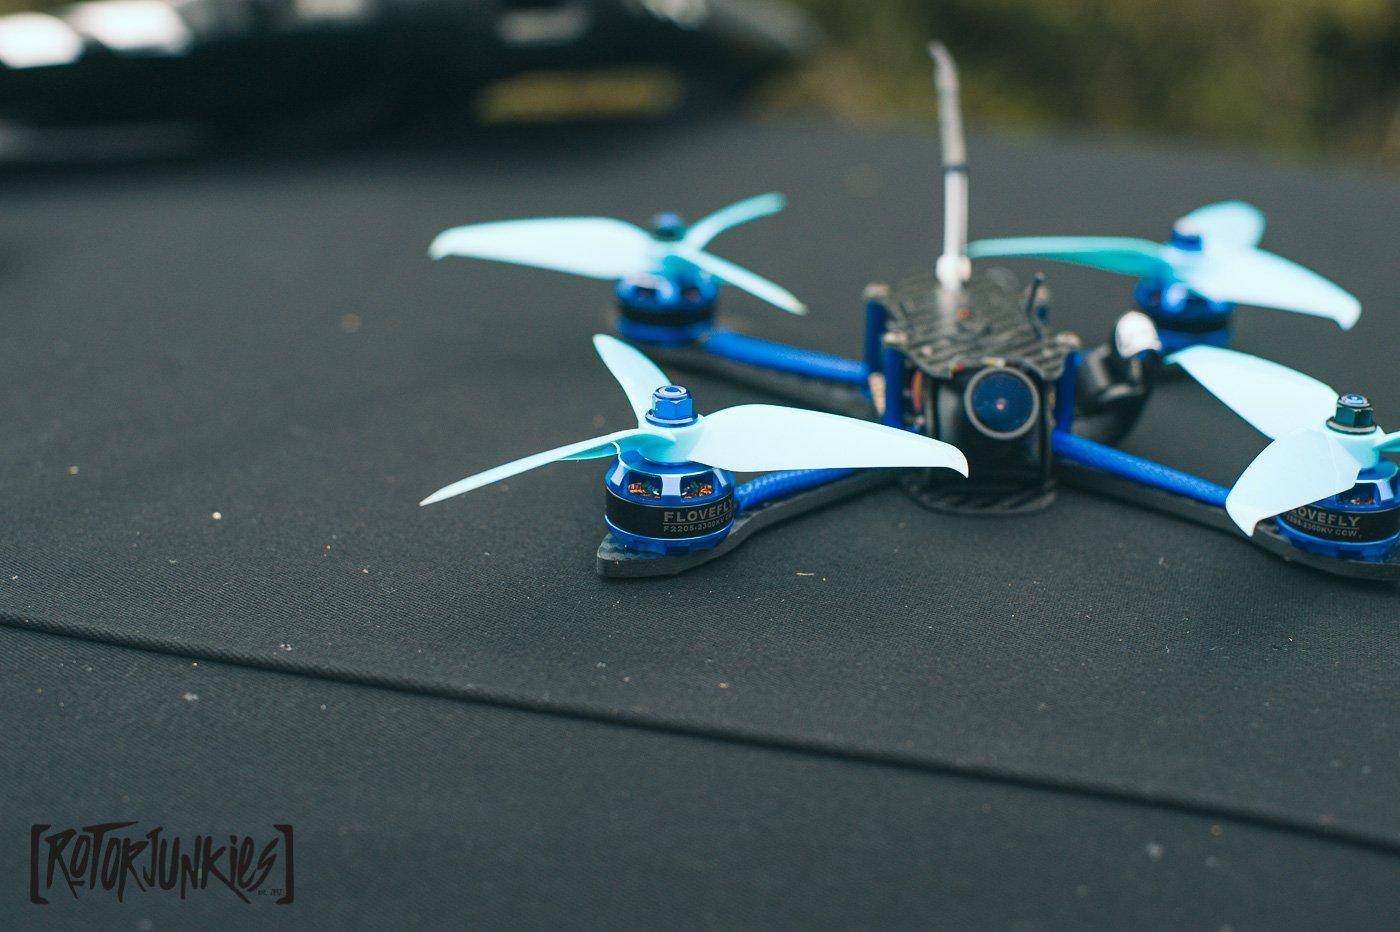 BFight 210mm FPV Racer - wie gut fliegt ein fertiger Copter für 120 EUR? -